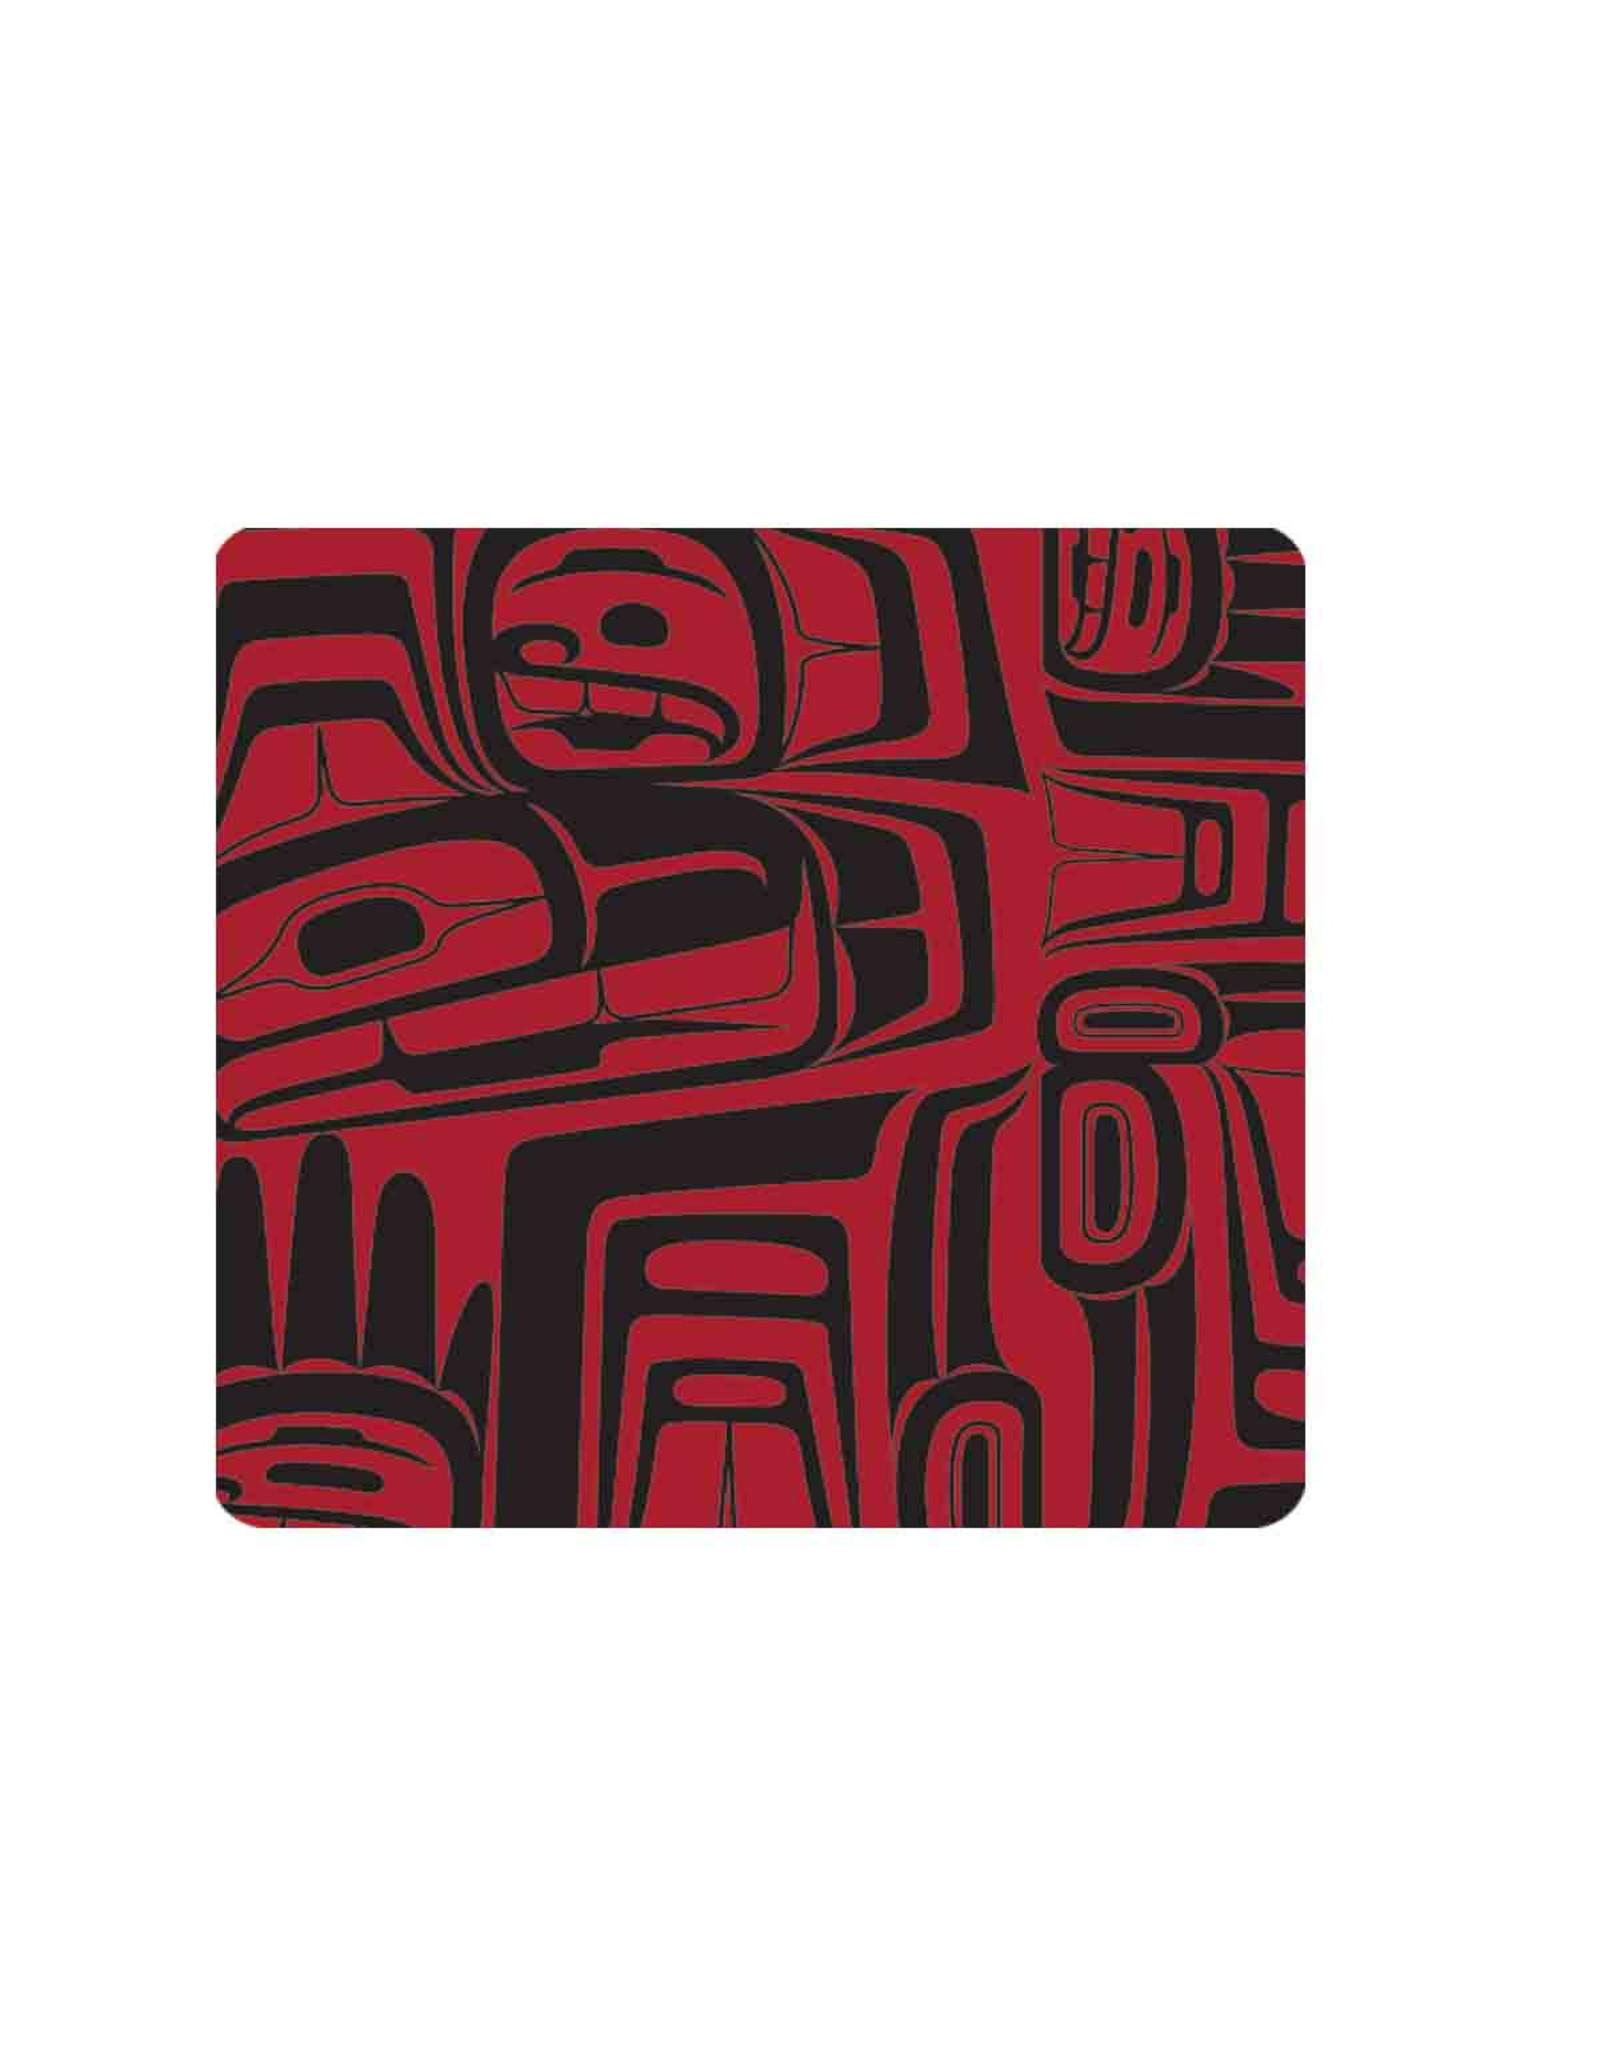 'Eagle Crest' by Ben Houstie Coaster (CBC23)